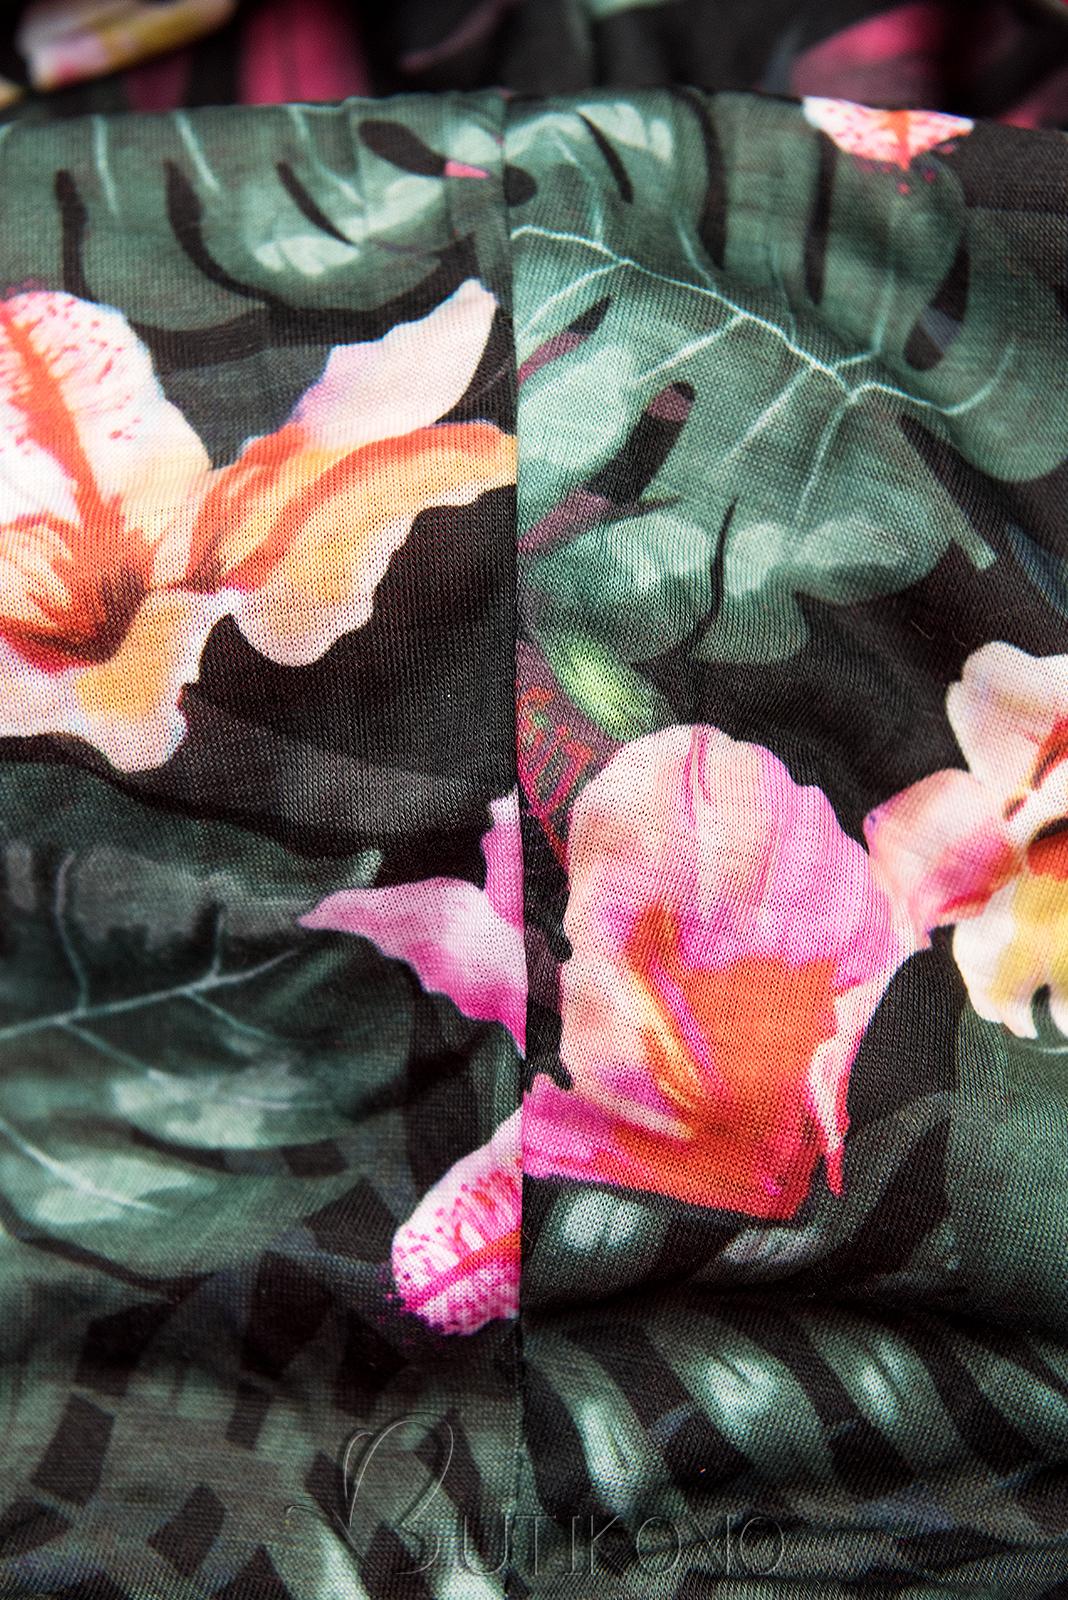 Khaki prodloužená mikina s barevnou podšívkou